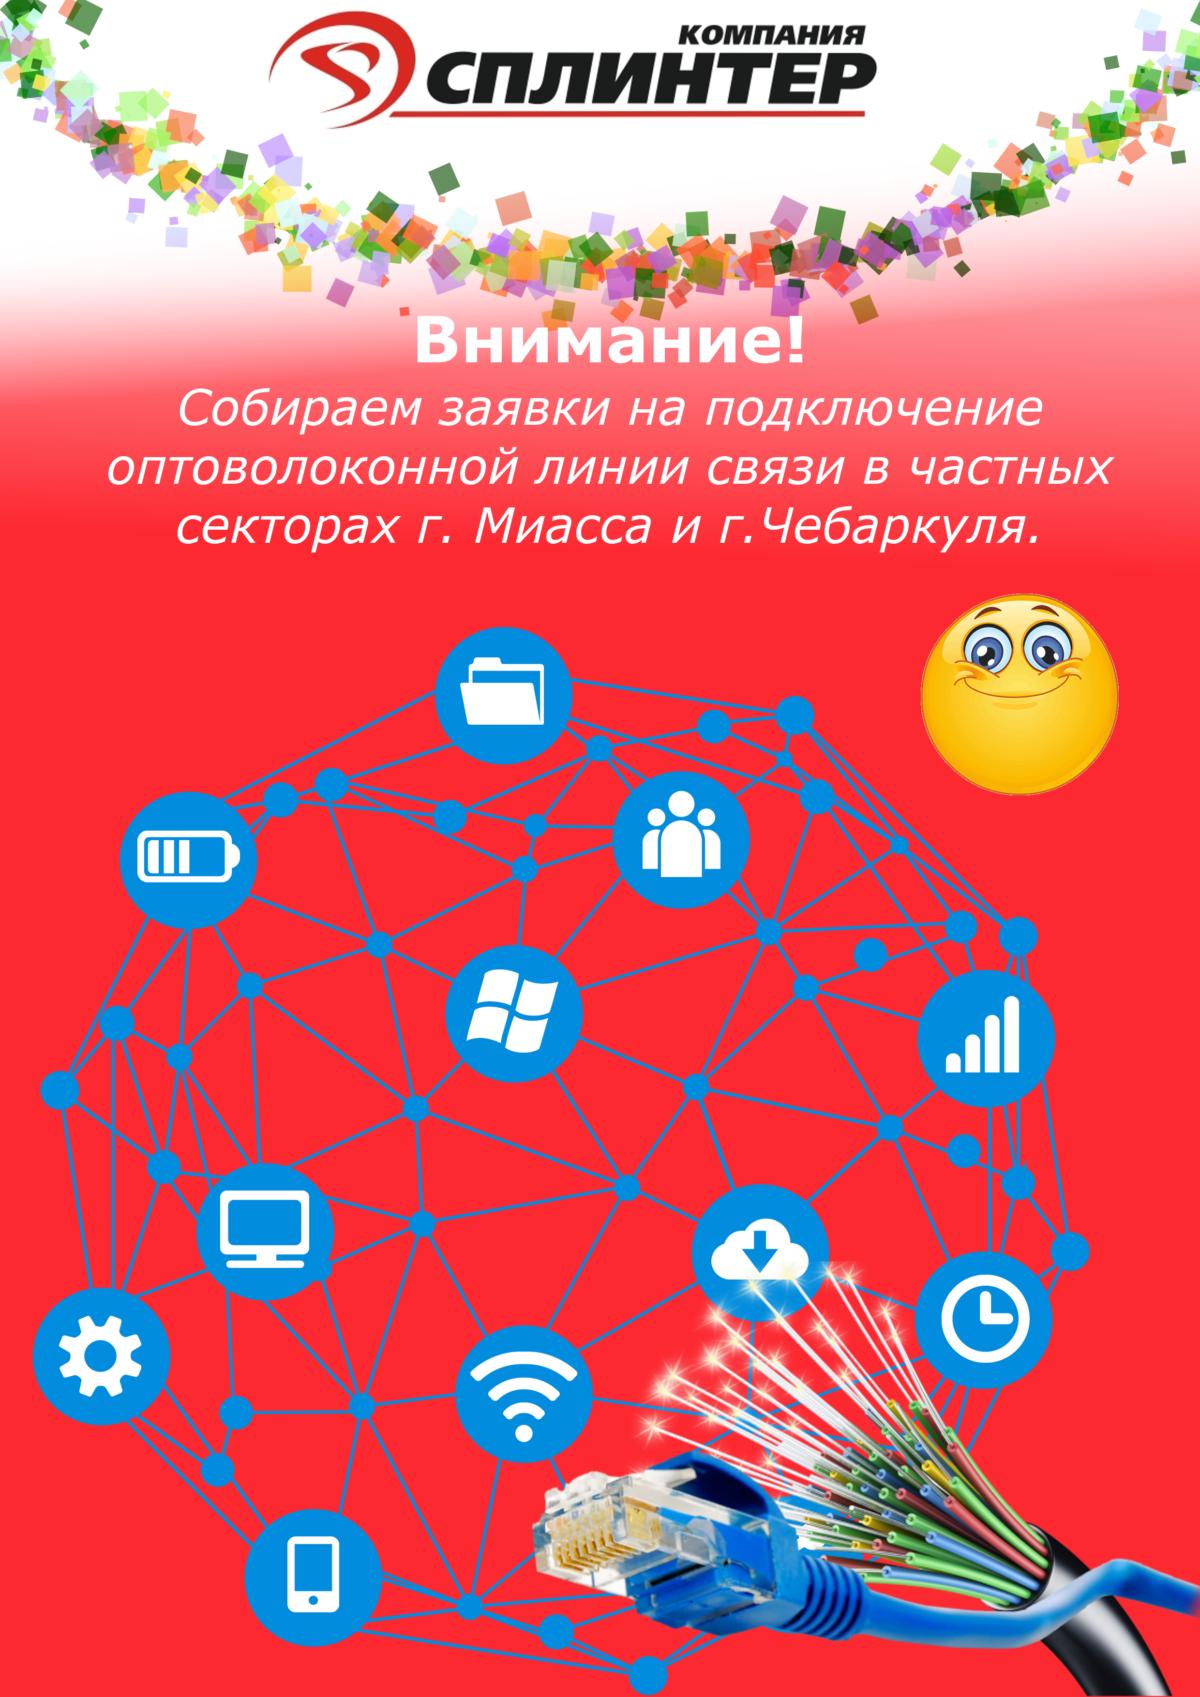 Интернет в Миассе, Чебаркуле и Златоусте